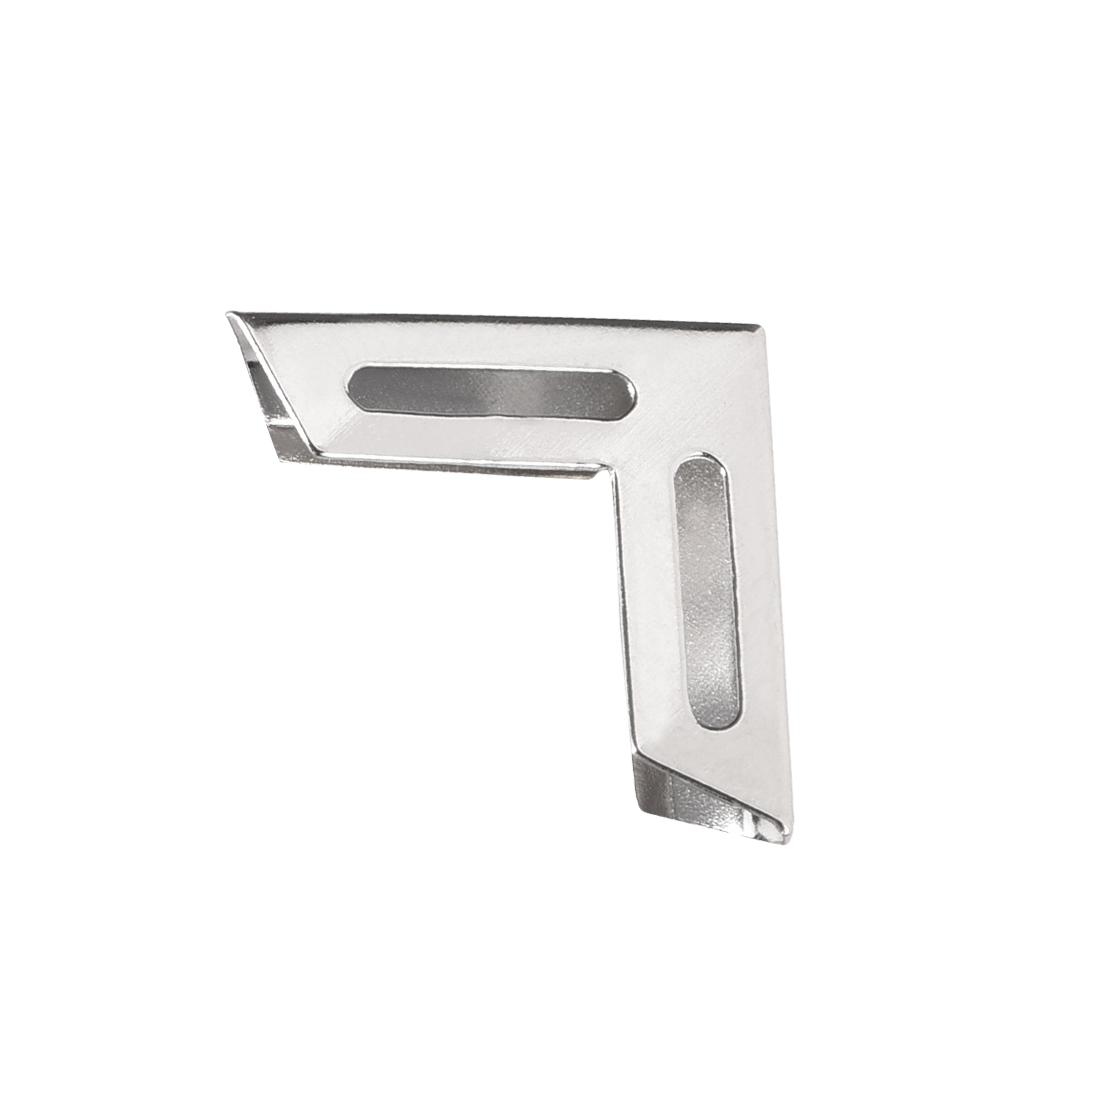 Metal Book Corner Protectors Edge Cover Guard 18 x 18 x 5mm Silver Tone 30pcs